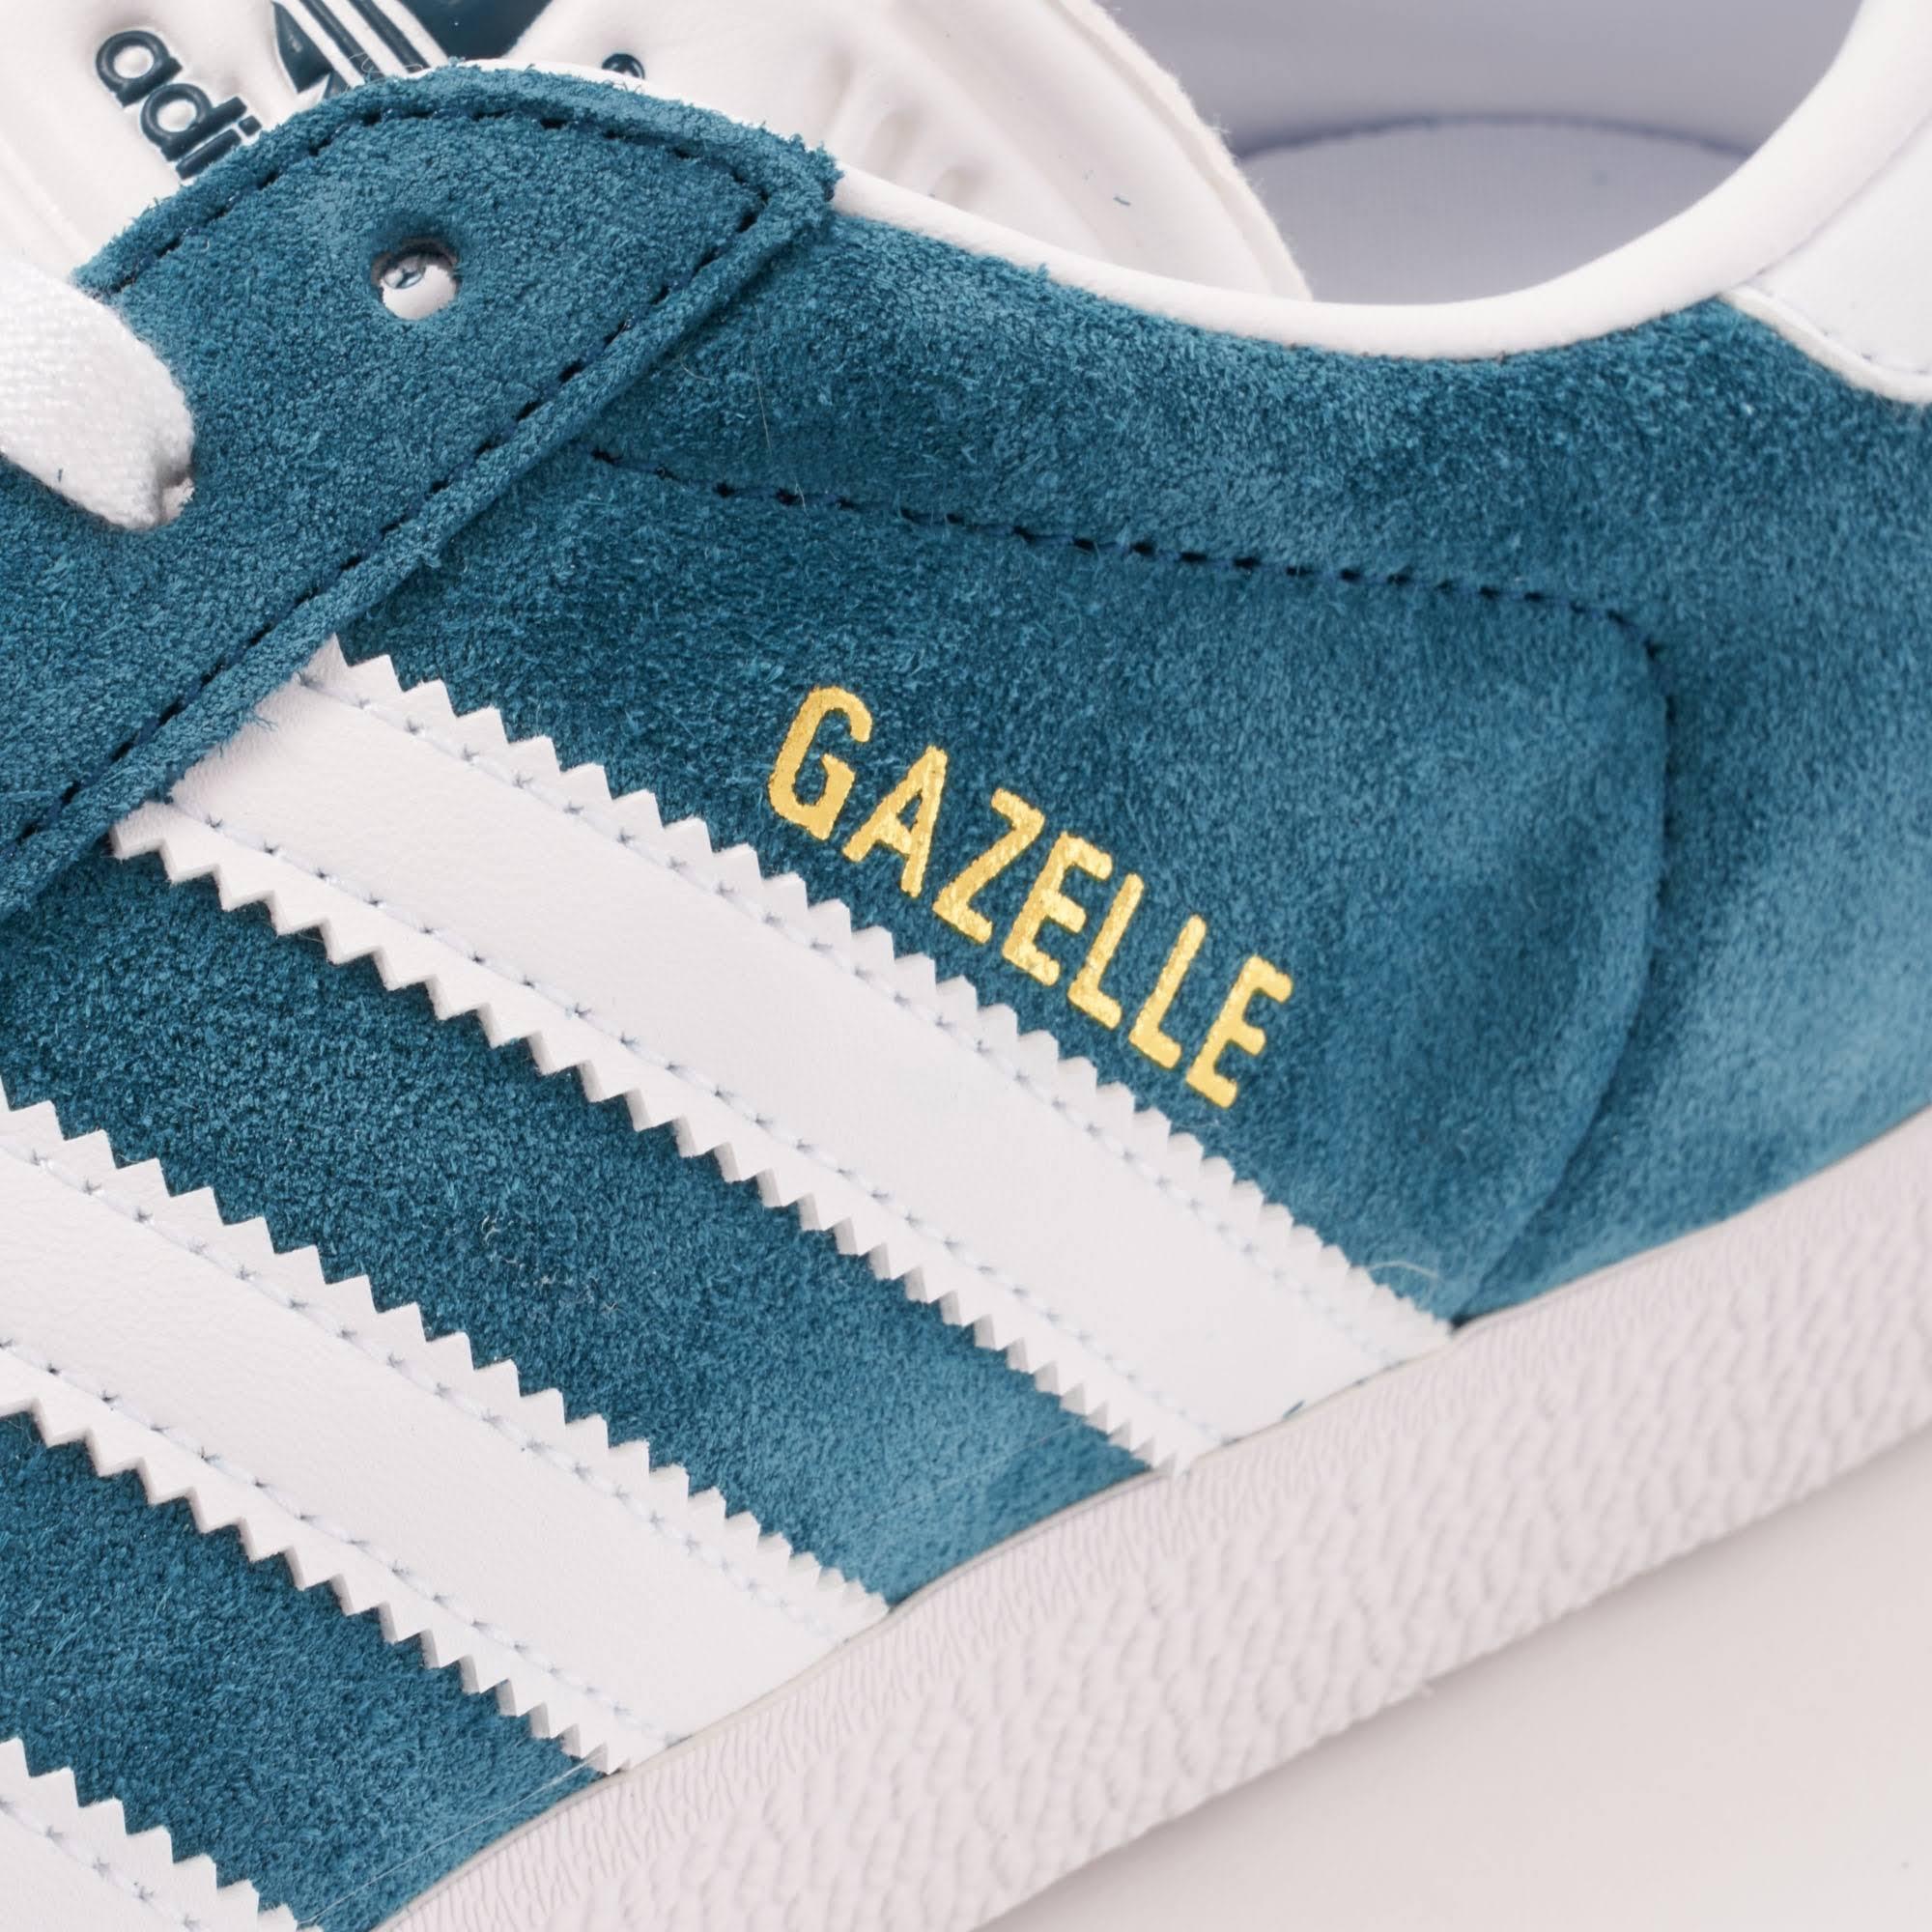 Night White Adidas Gazelle amp; Gasolina qnqaPE